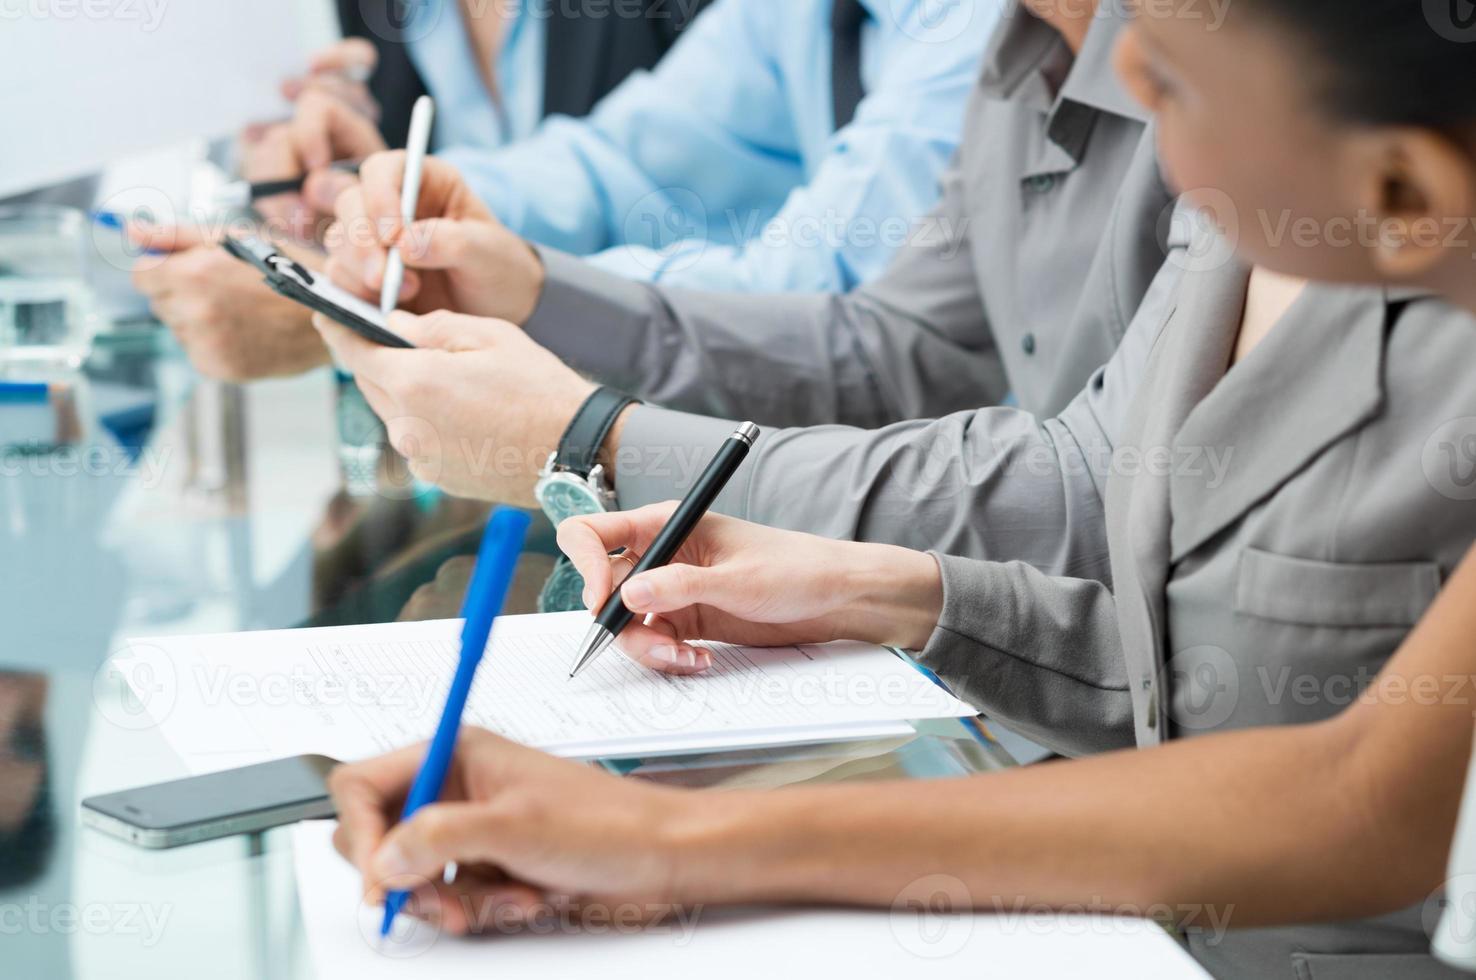 affärsmän skriver anteckning i möte foto